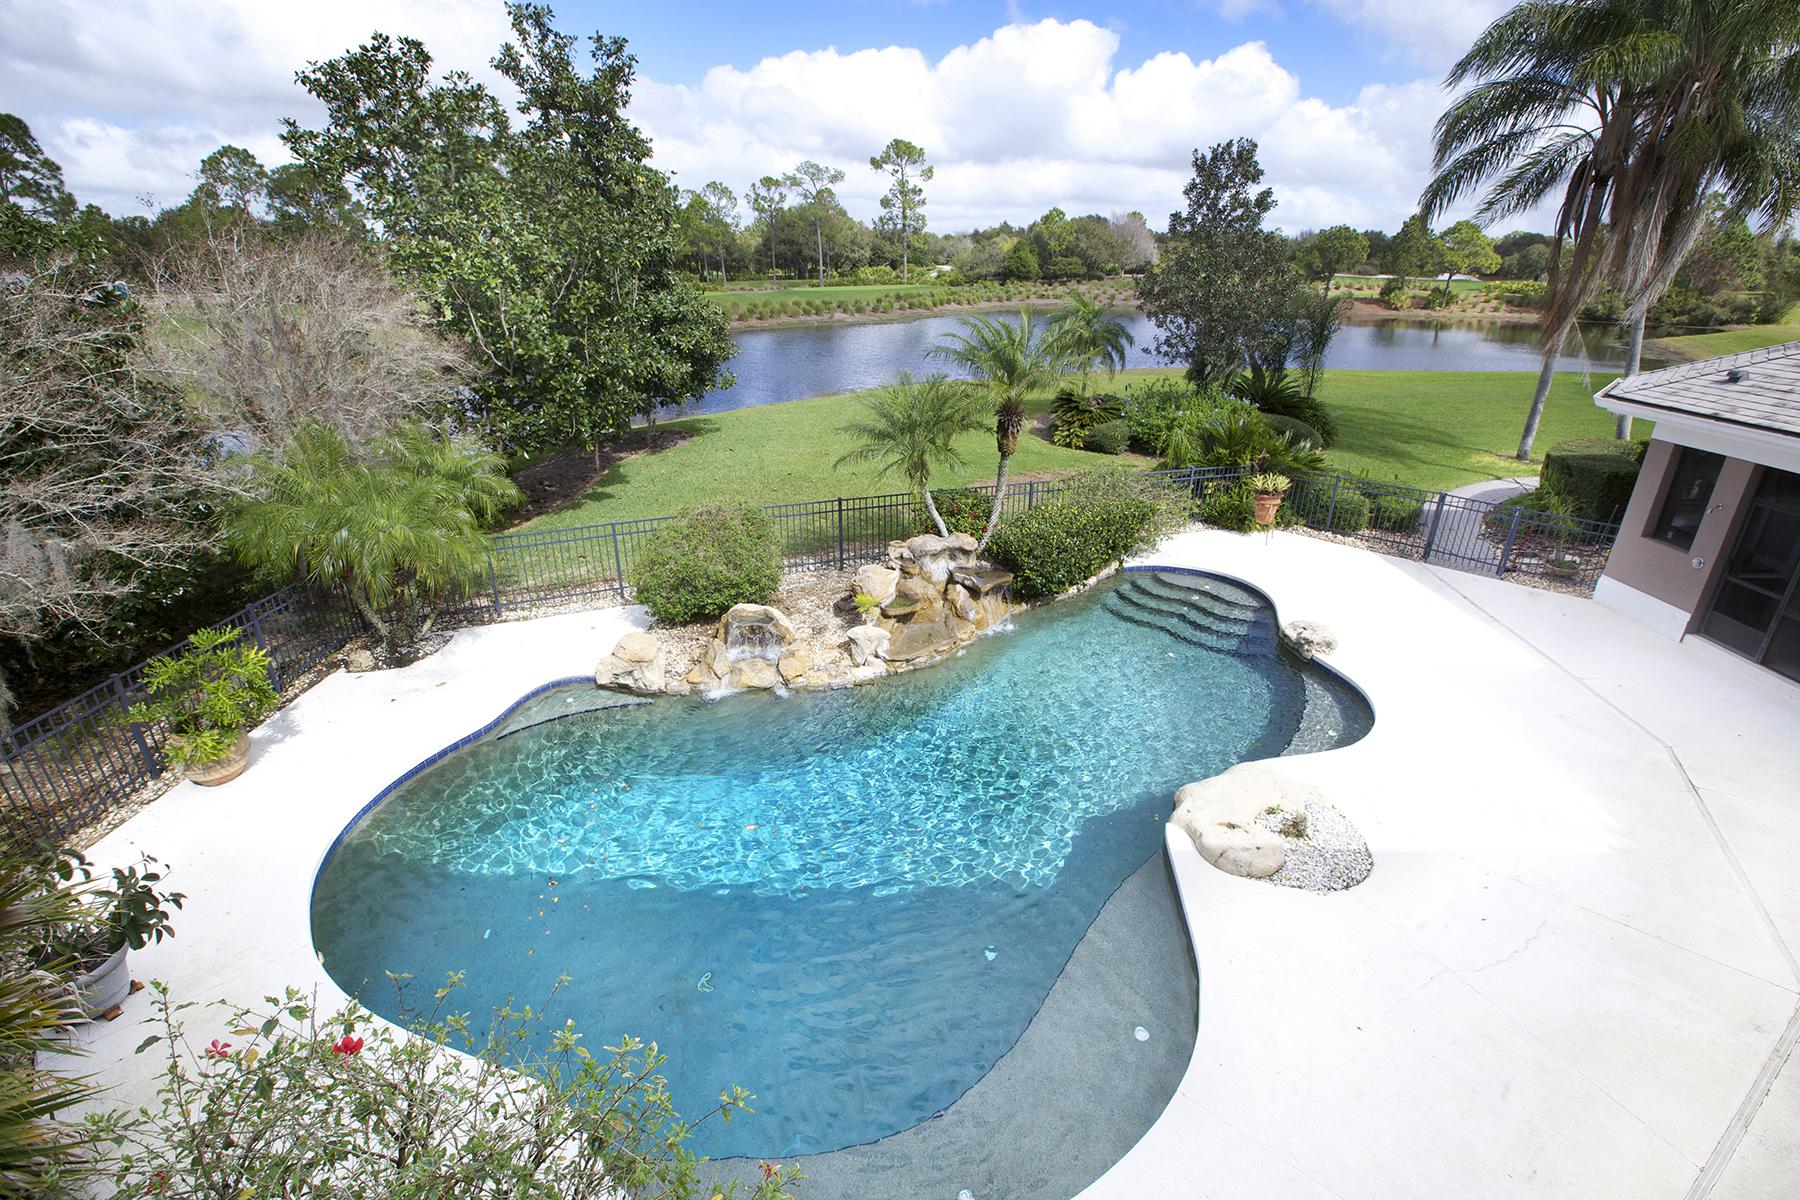 Casa Unifamiliar por un Venta en ORLANDO 9137 Sloane St Orlando, Florida 32827 Estados Unidos